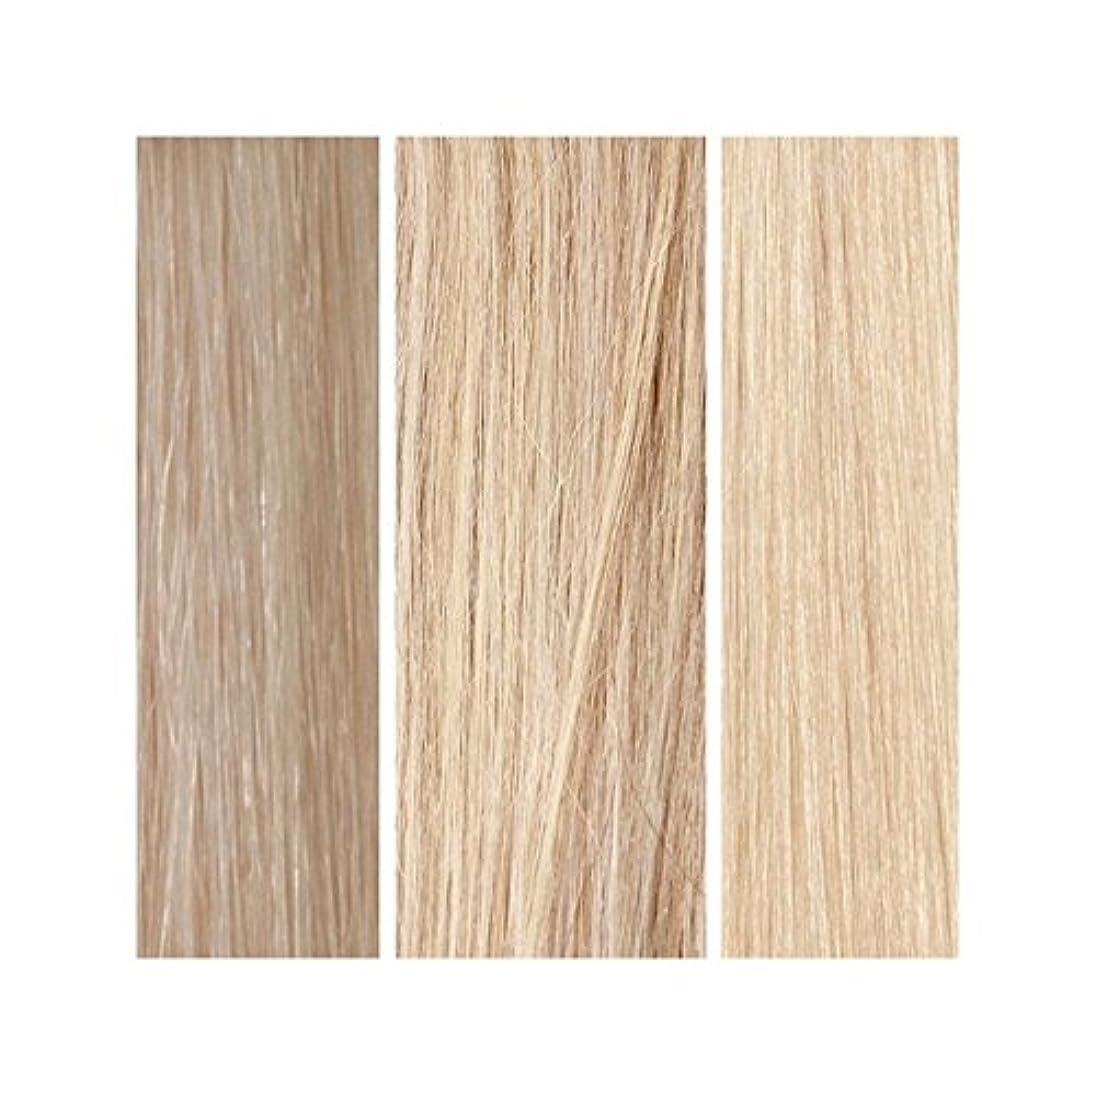 暴君入浴回想ライトブロンドバンドル - 美しさは、100%レミーの色見本を働きます x4 - Beauty Works 100% Remy Colour Swatch - Light Blonde Bundle (Pack of 4) [並行輸入品]